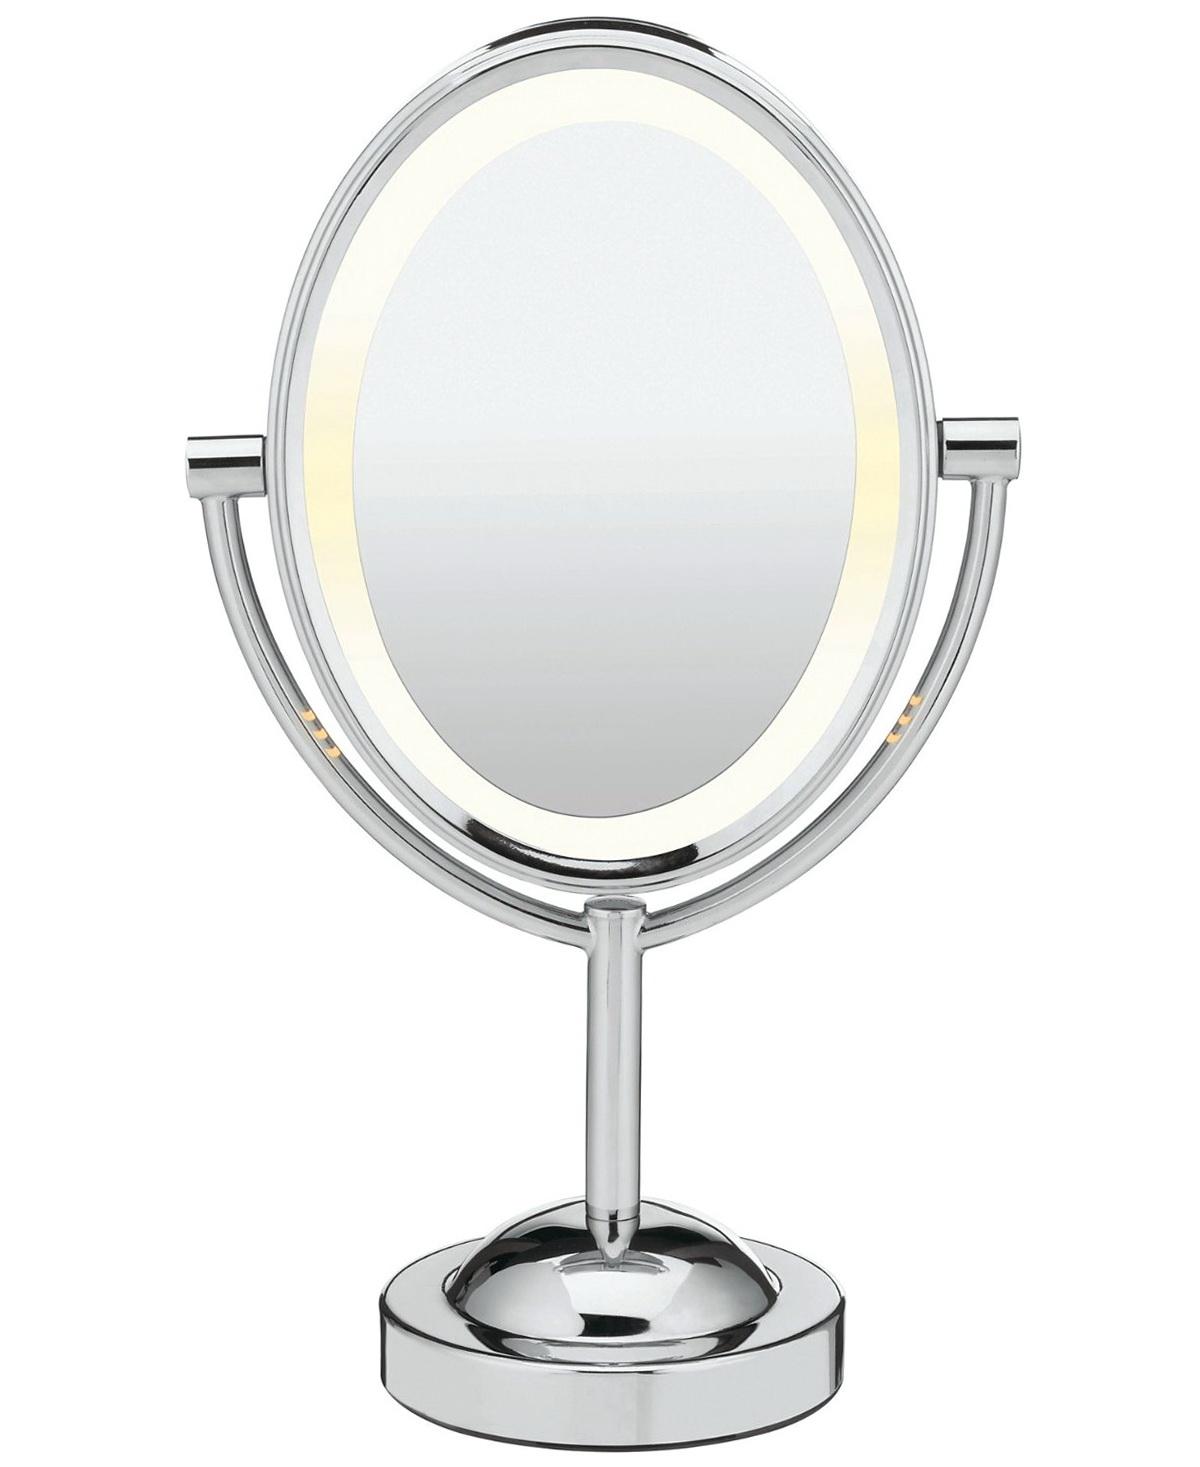 Conair Makeup Mirror Bulbs